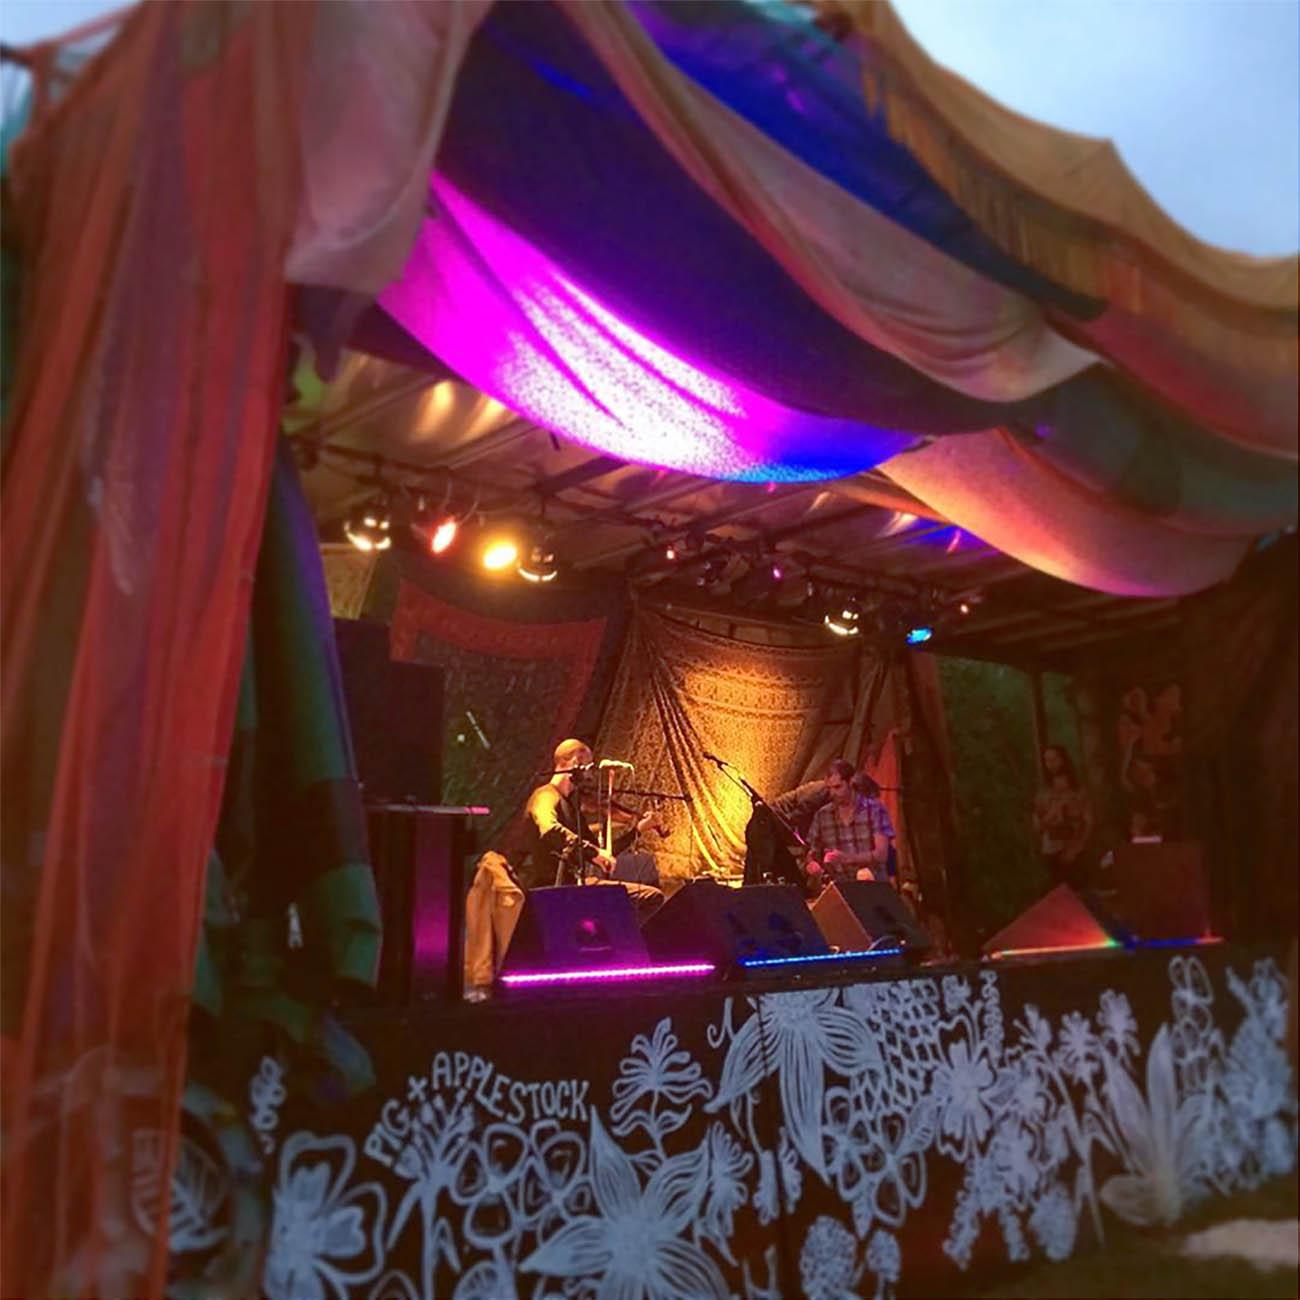 Applestock-festival-blog-18